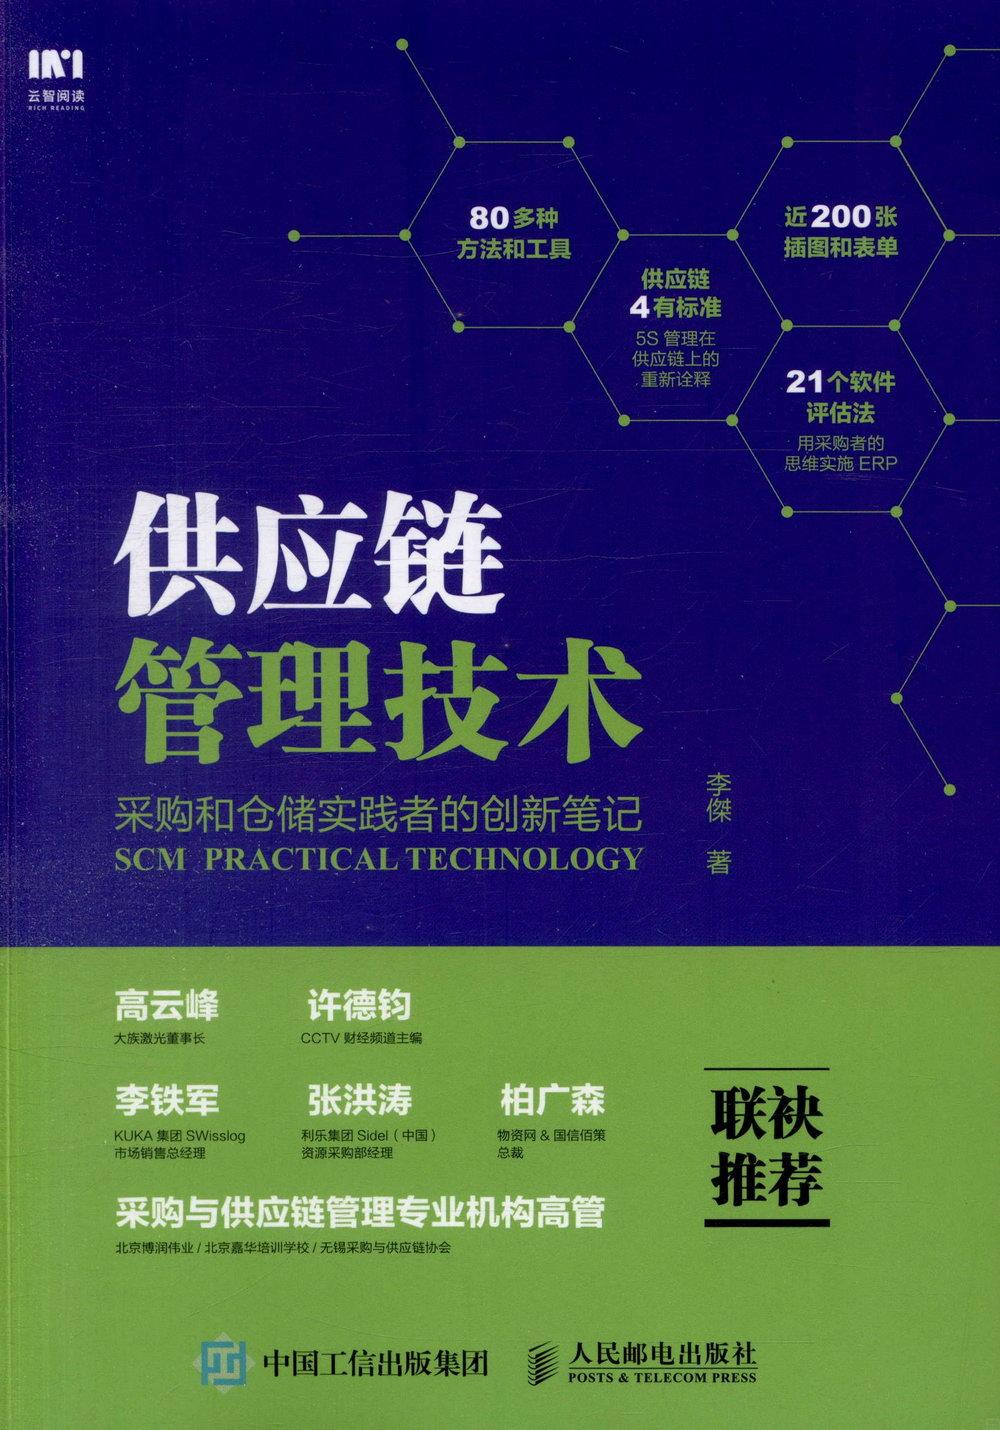 供應鏈管理技術:采購和倉儲實踐者的創新筆記